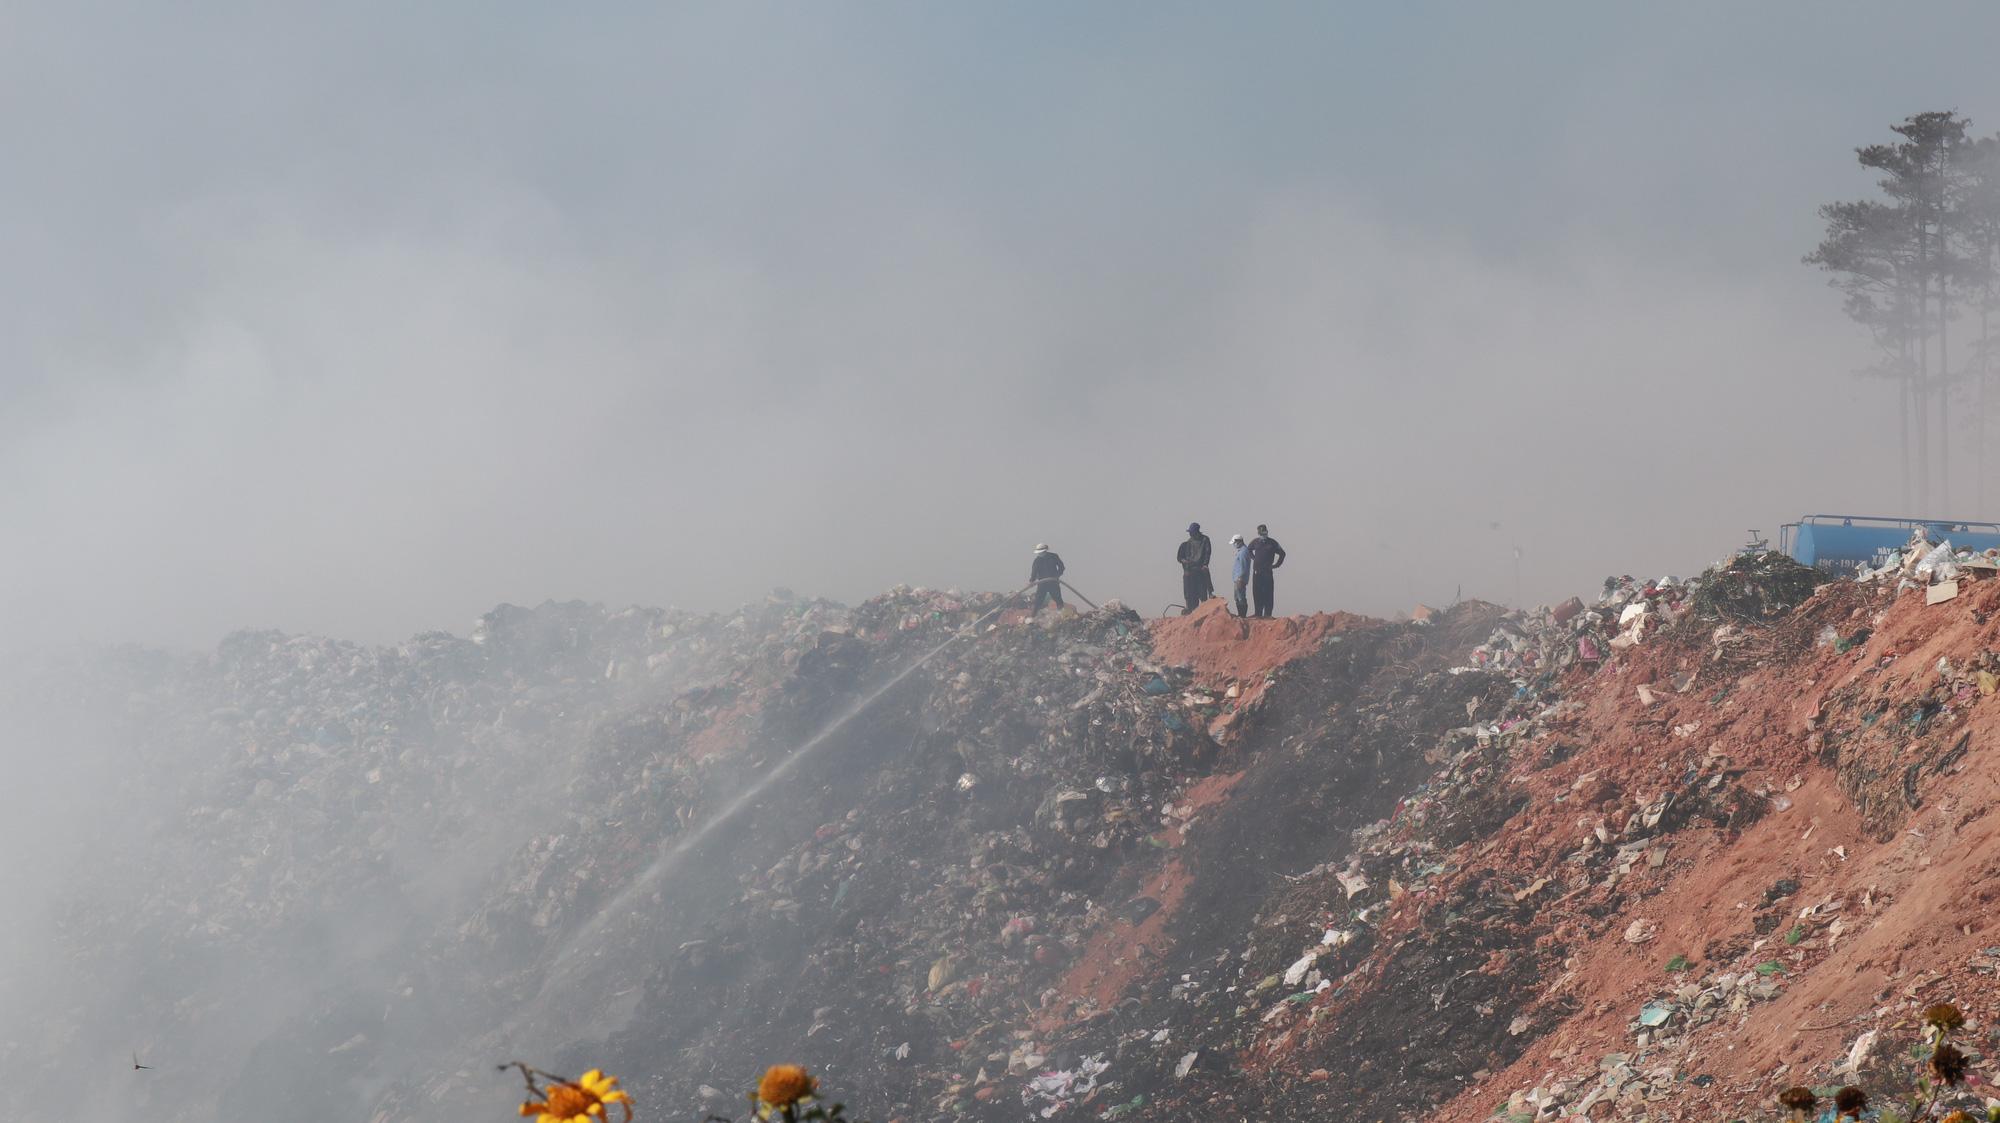 Mất bao nhiêu tiền để Lâm Đồng đóng cửa bãi rác Cam Ly? - Ảnh 3.